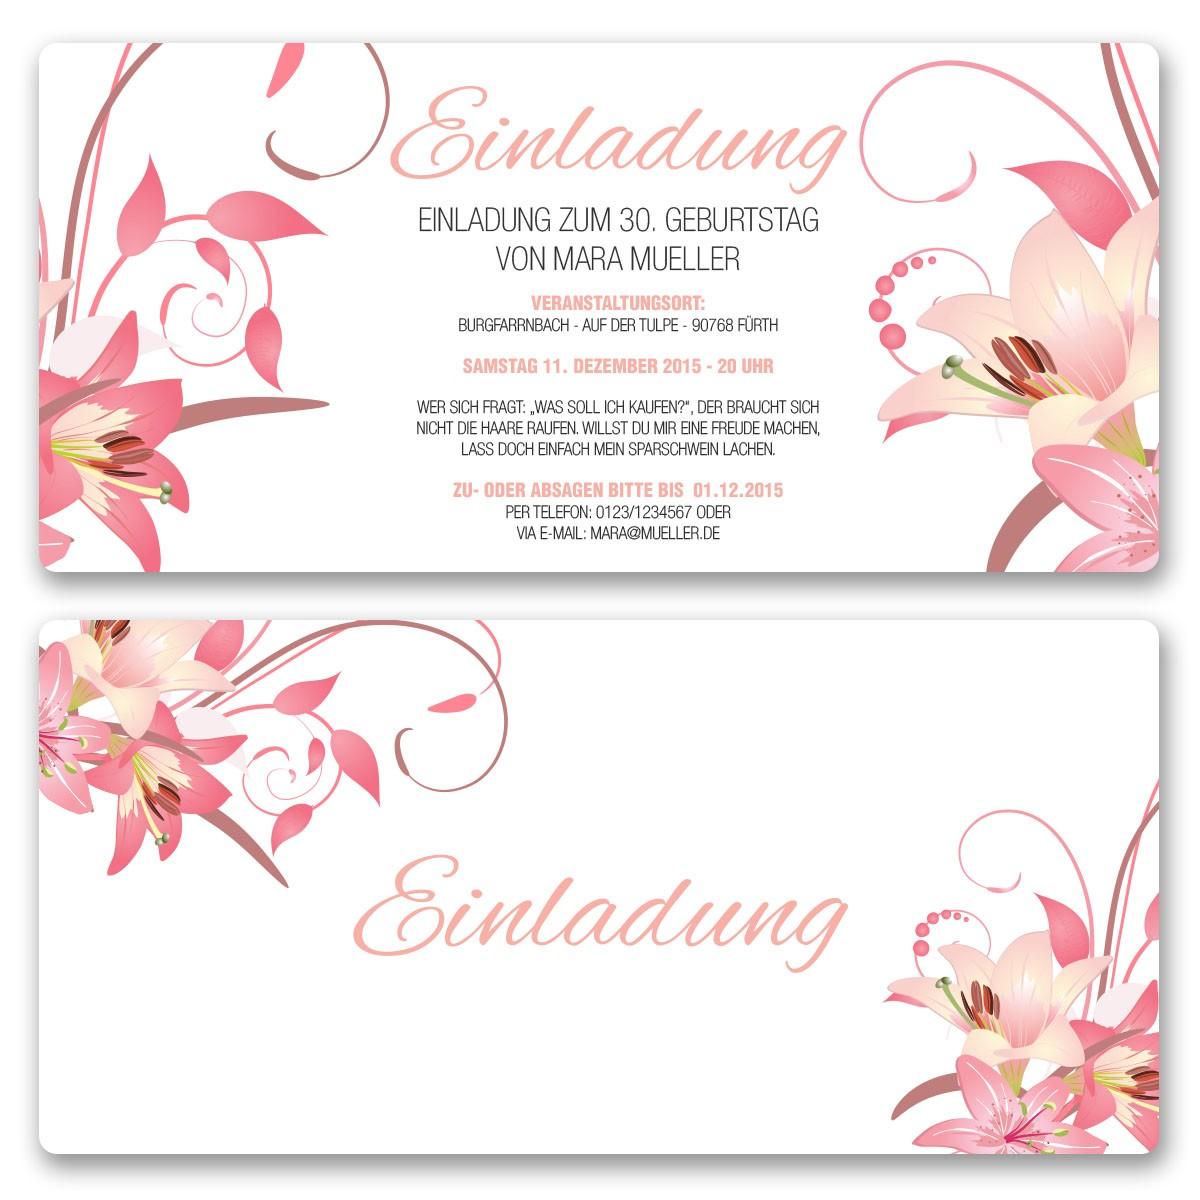 Einladungsvordrucke